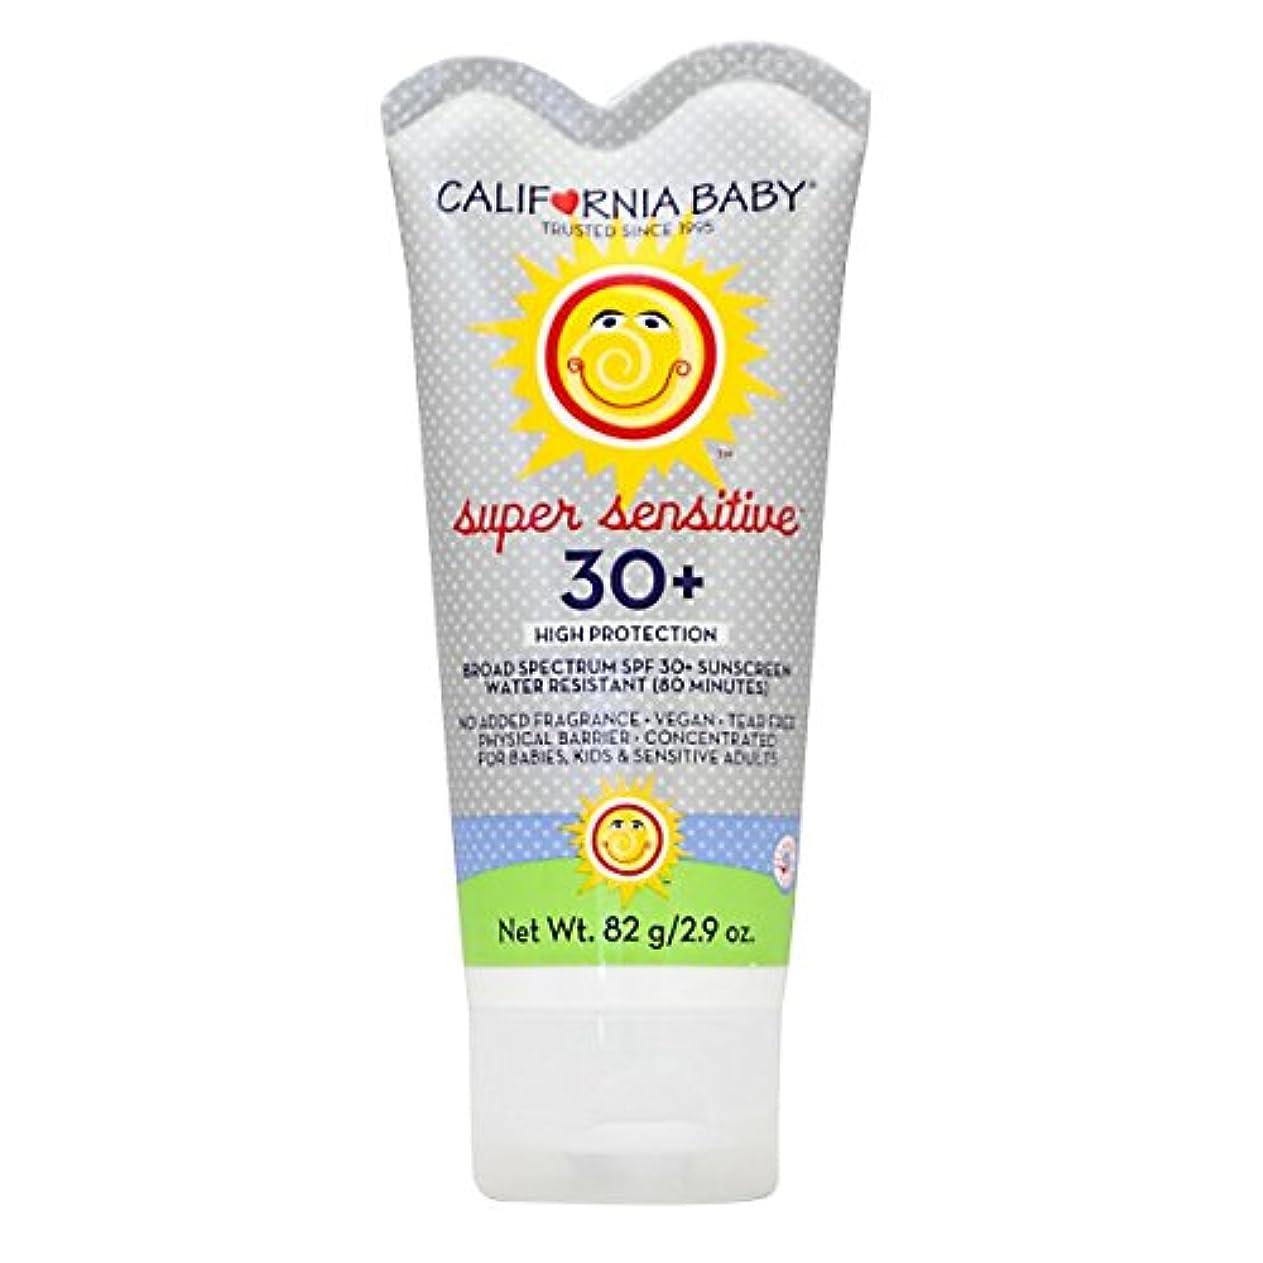 談話イブ統計カリフォルニアベビー日焼け止めクリームSPF30 超敏感肌用82g